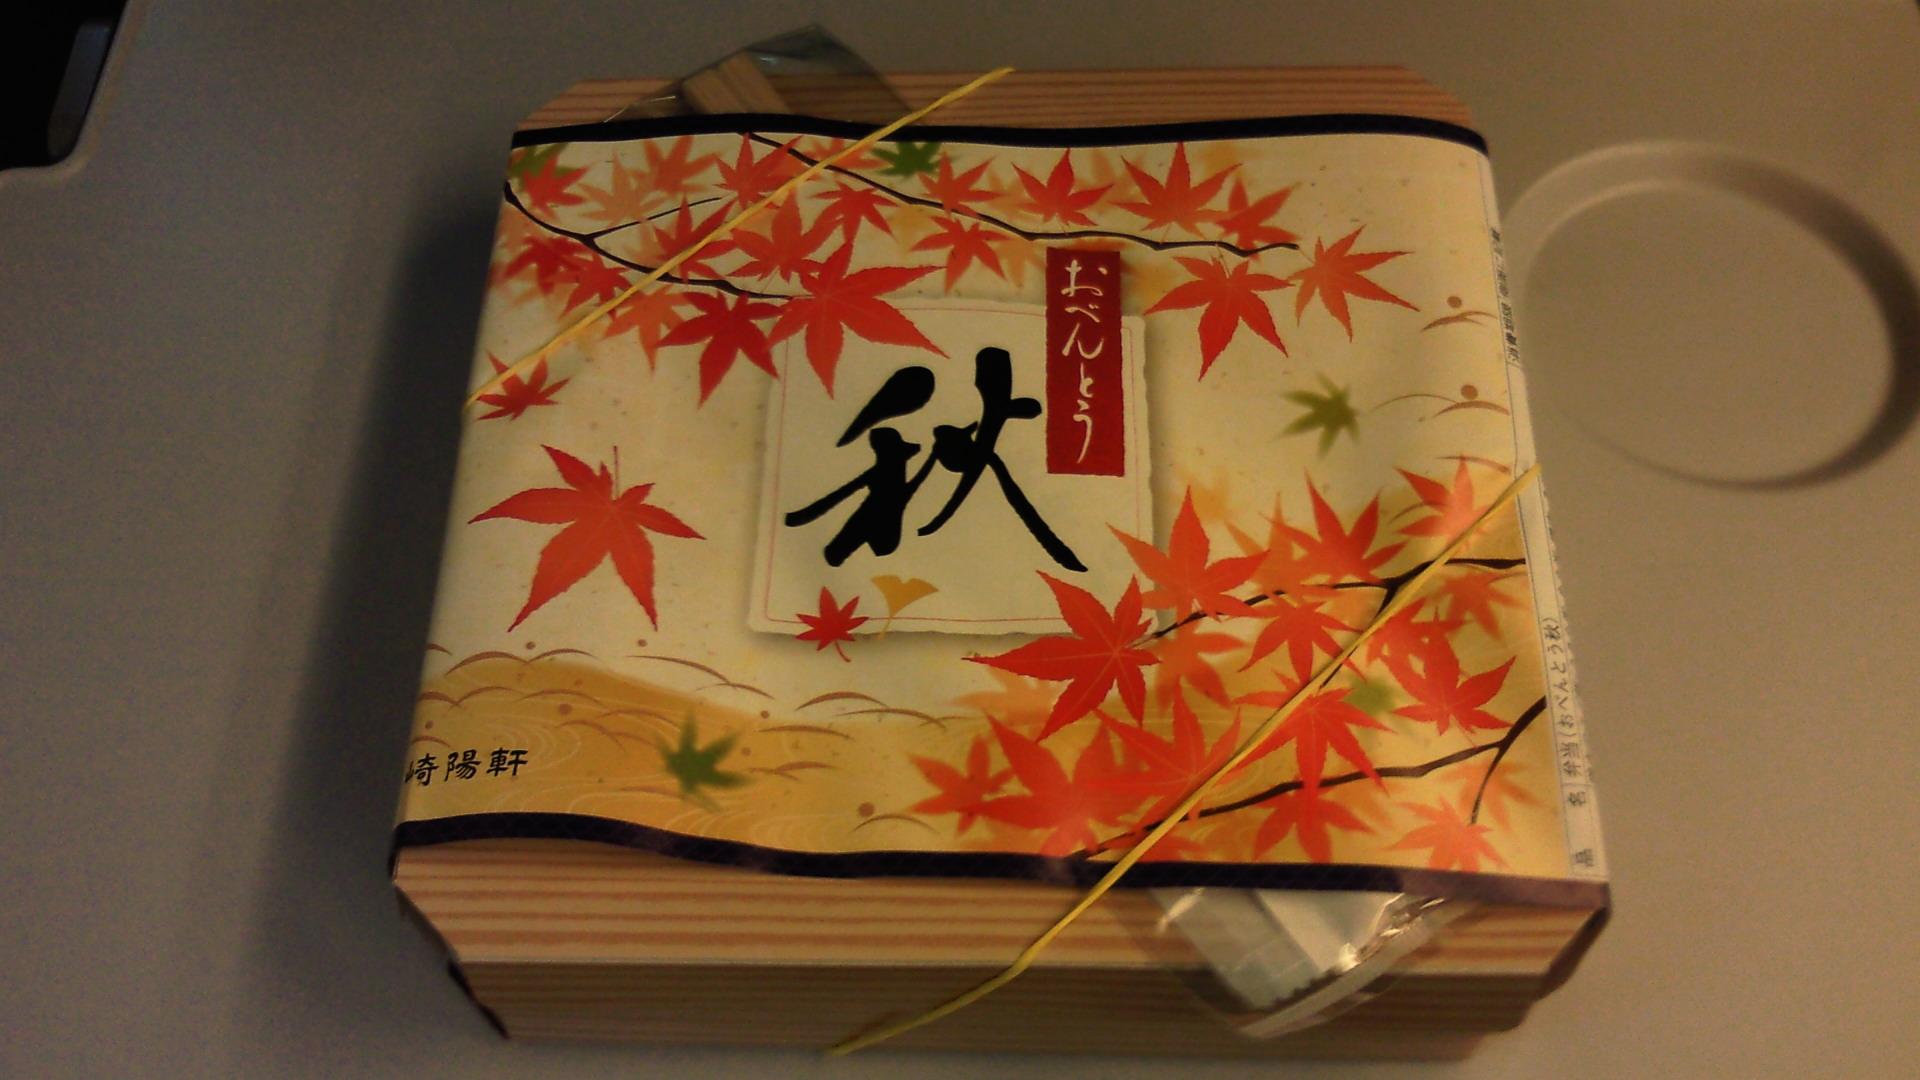 新横浜旬菜 東京方コンコース店